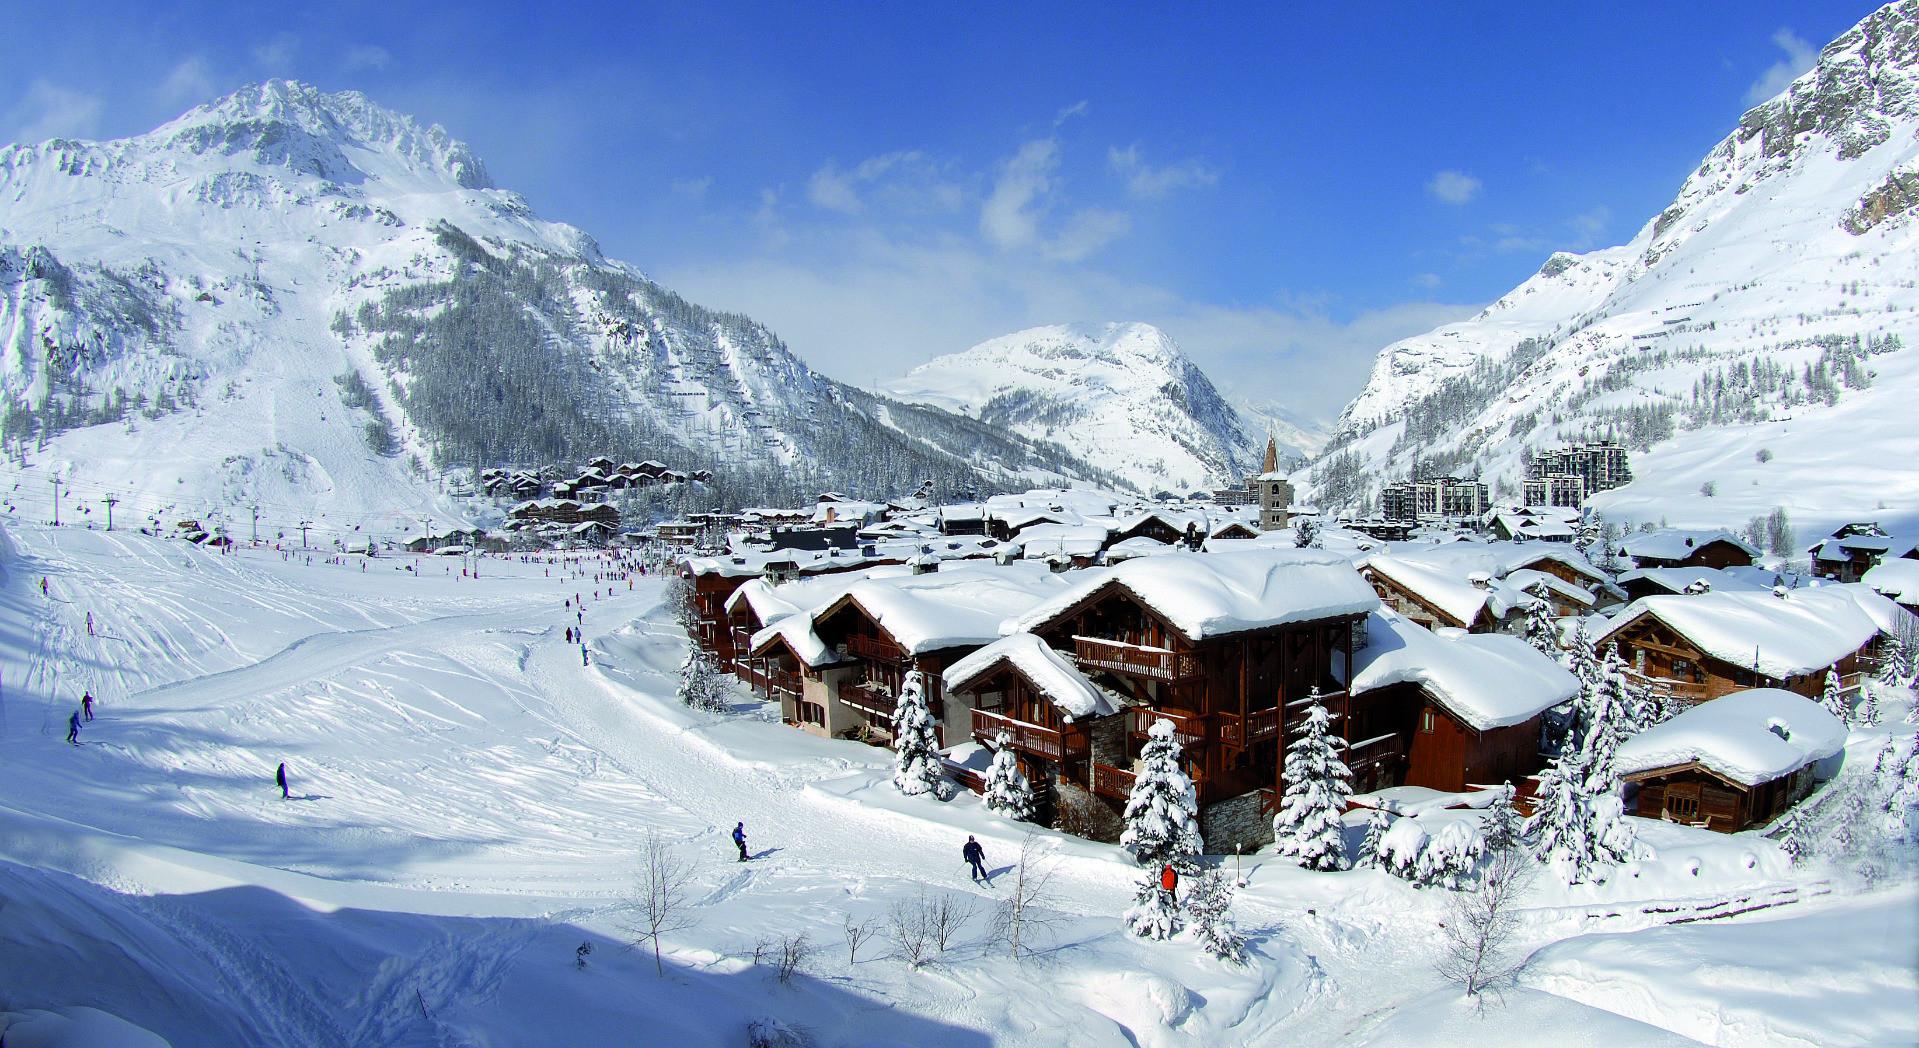 val d 39 is re plan des pistes de ski val d 39 is re. Black Bedroom Furniture Sets. Home Design Ideas